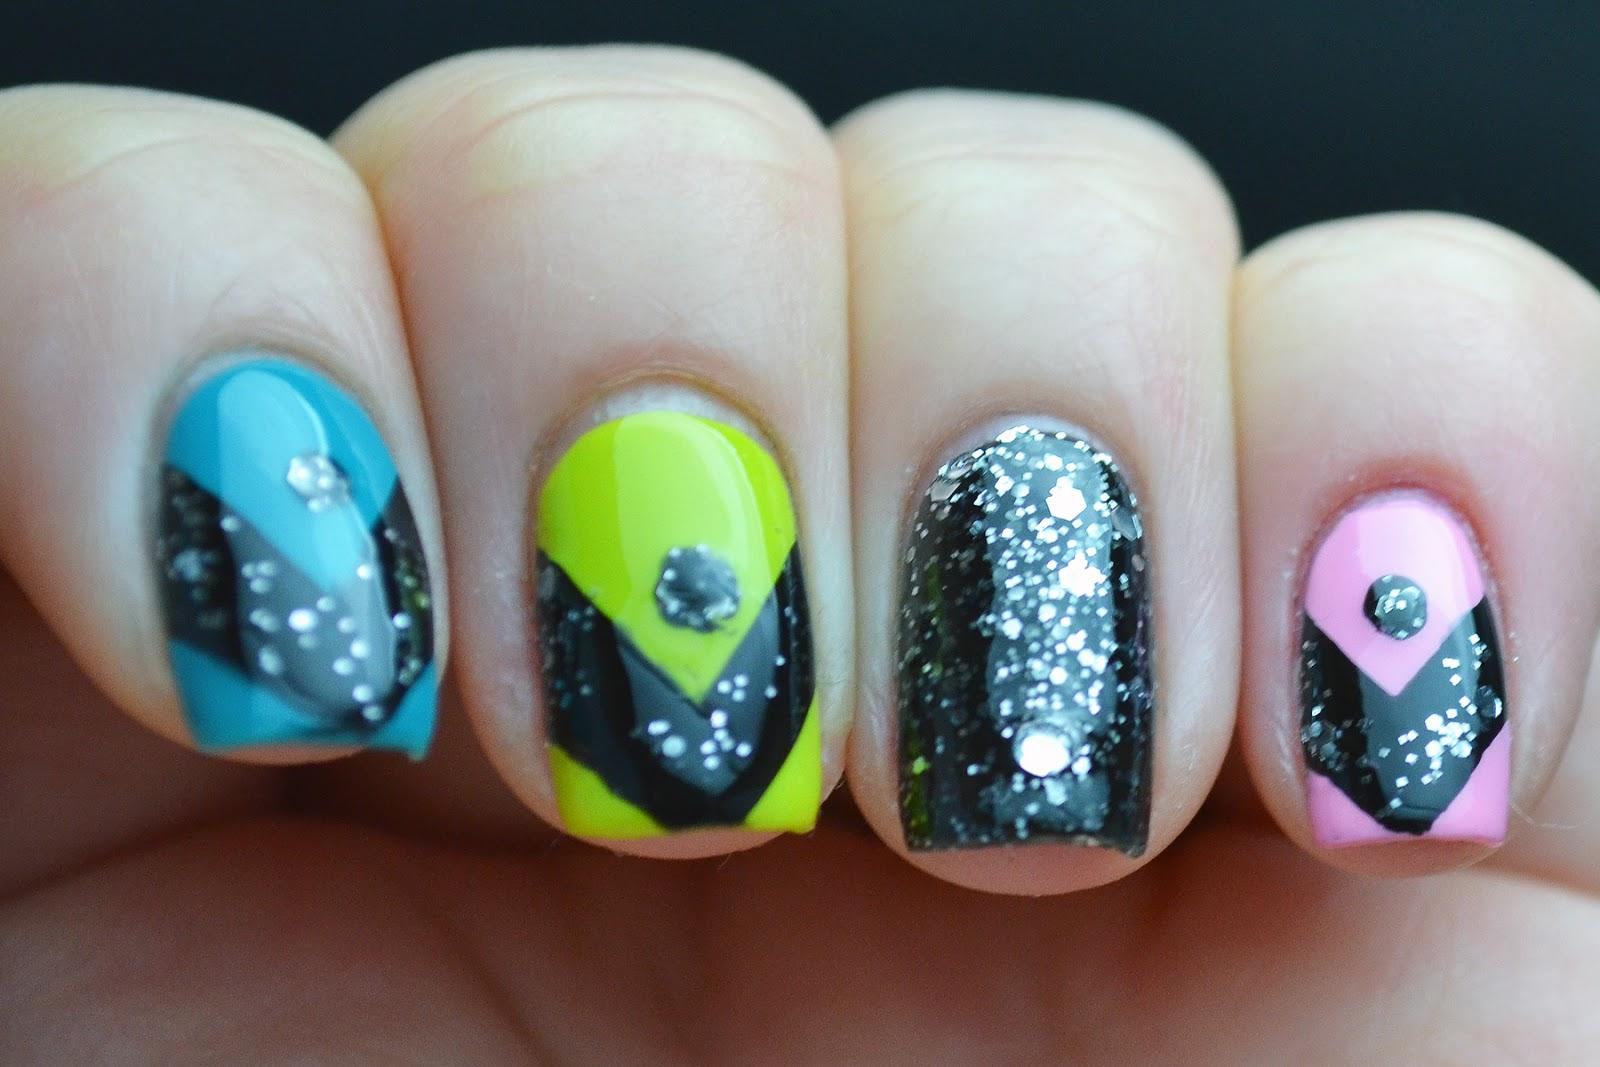 Glitter and Gloss Nails: OPI Nicki Minaj Chevron Stripe